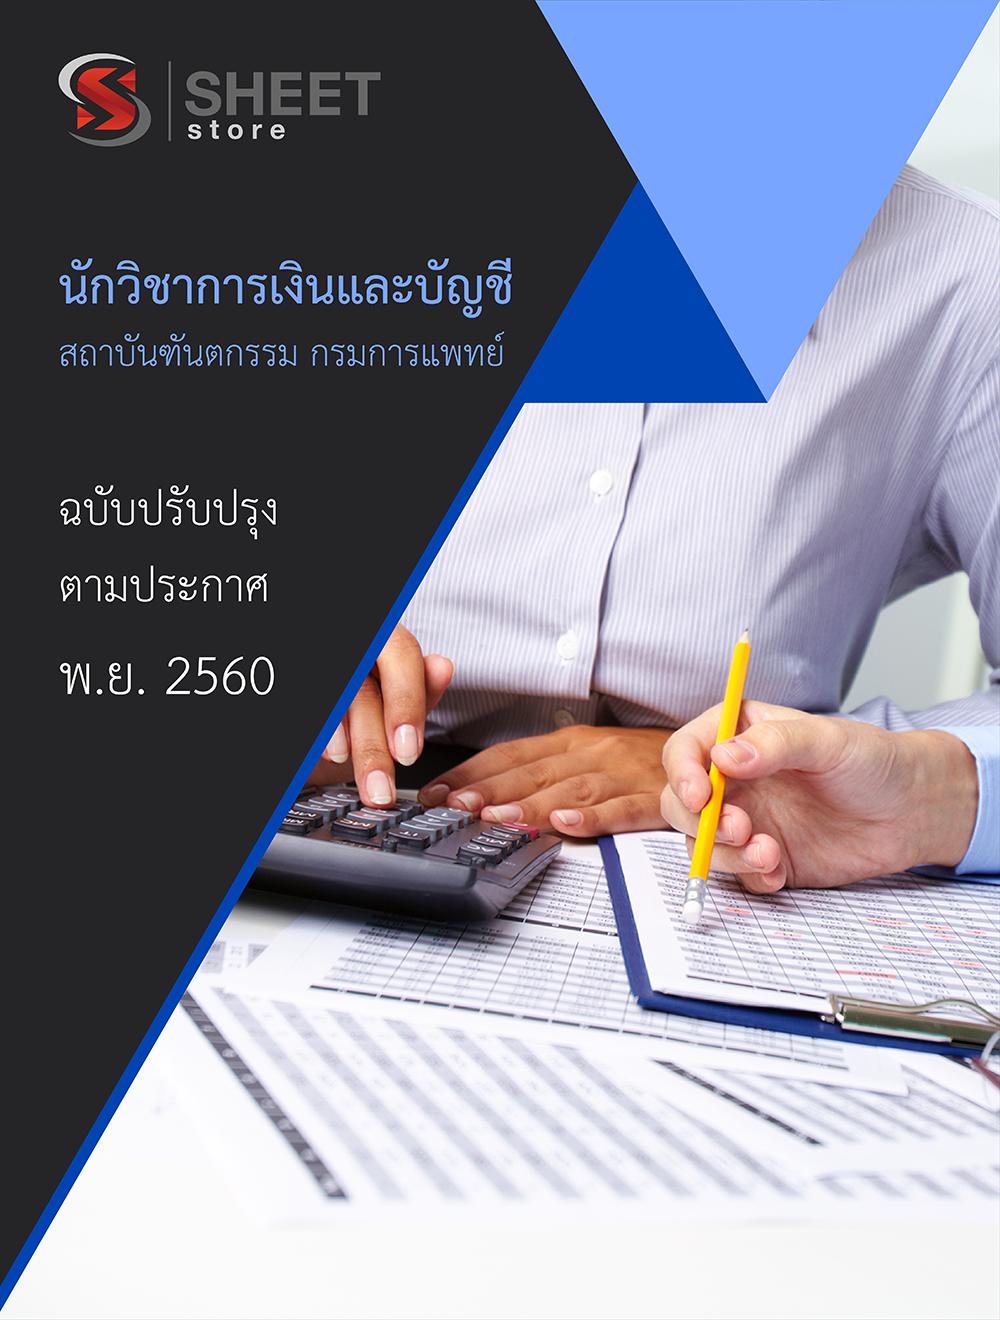 ข้อสอบ นักวิชาการเงินและบัญชี สถาบันฑันตกรรม กรมการแพทย์